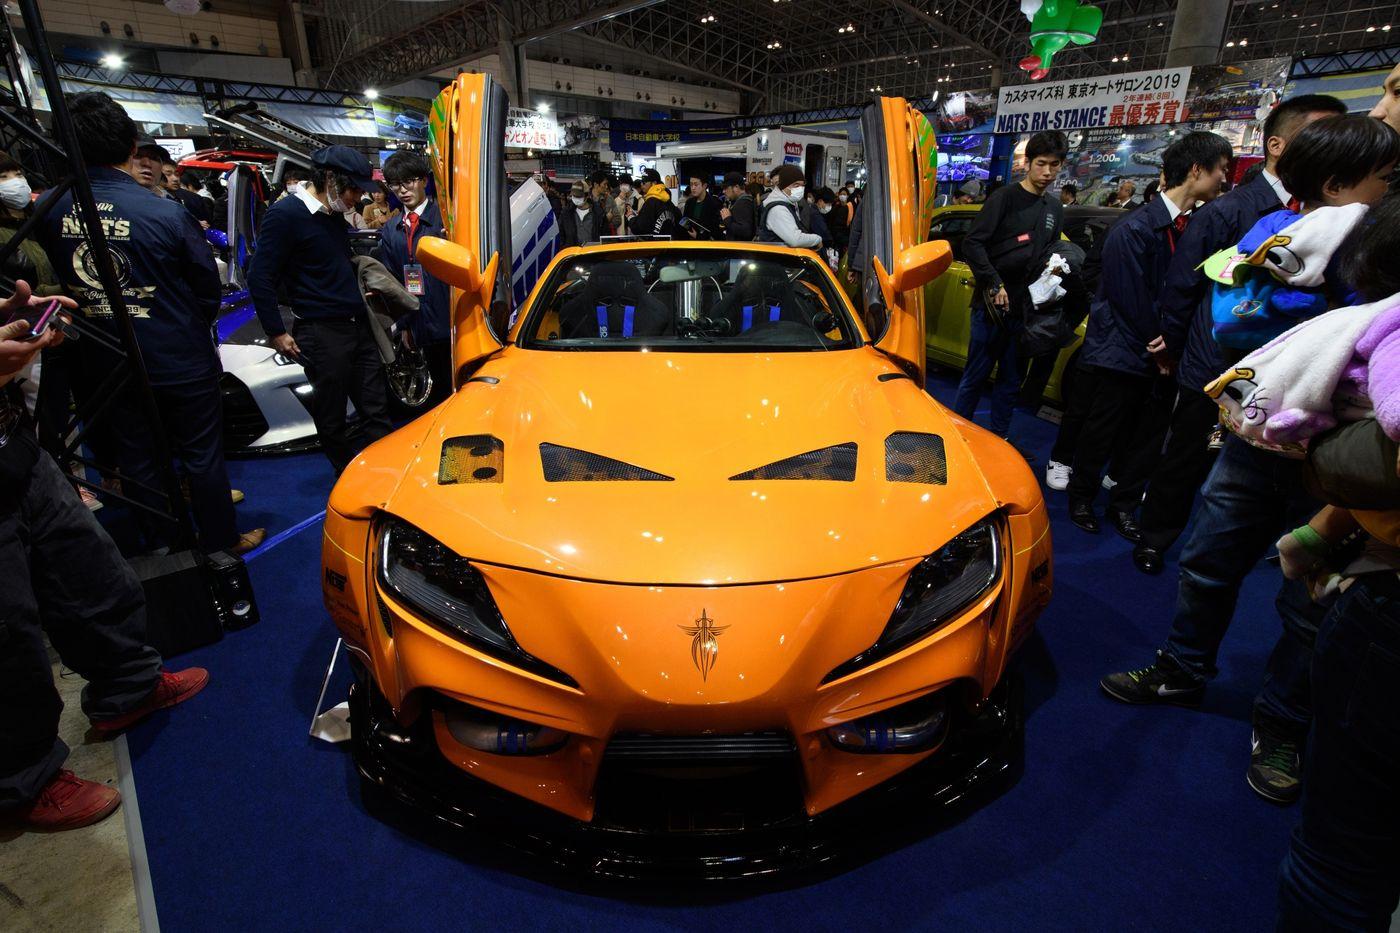 Hàng trăm mẫu xe độc đáo ra mắt tại triển lãm Tokyo Auto Salon 2020 - 14